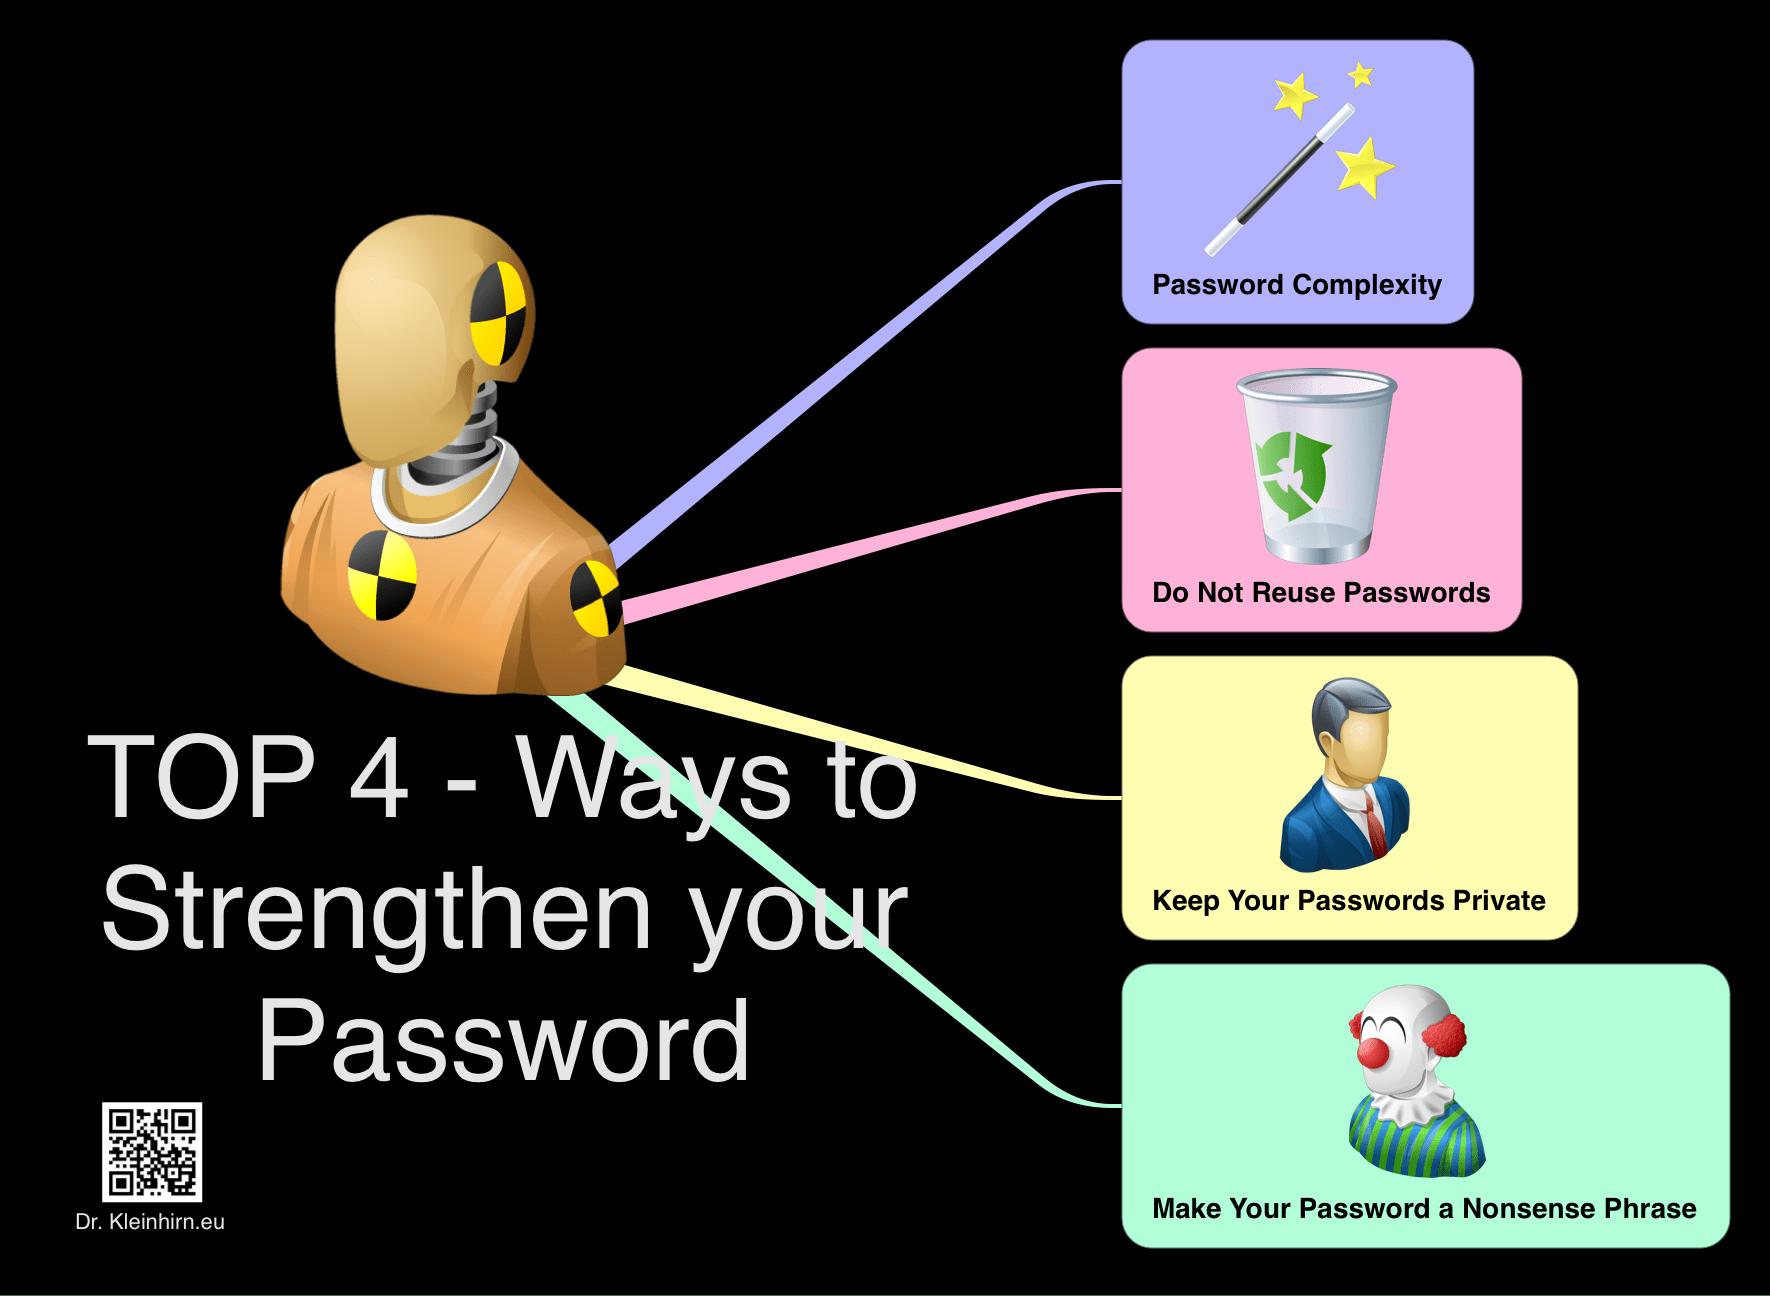 TOP 4 - Ways to Strengthen your Password